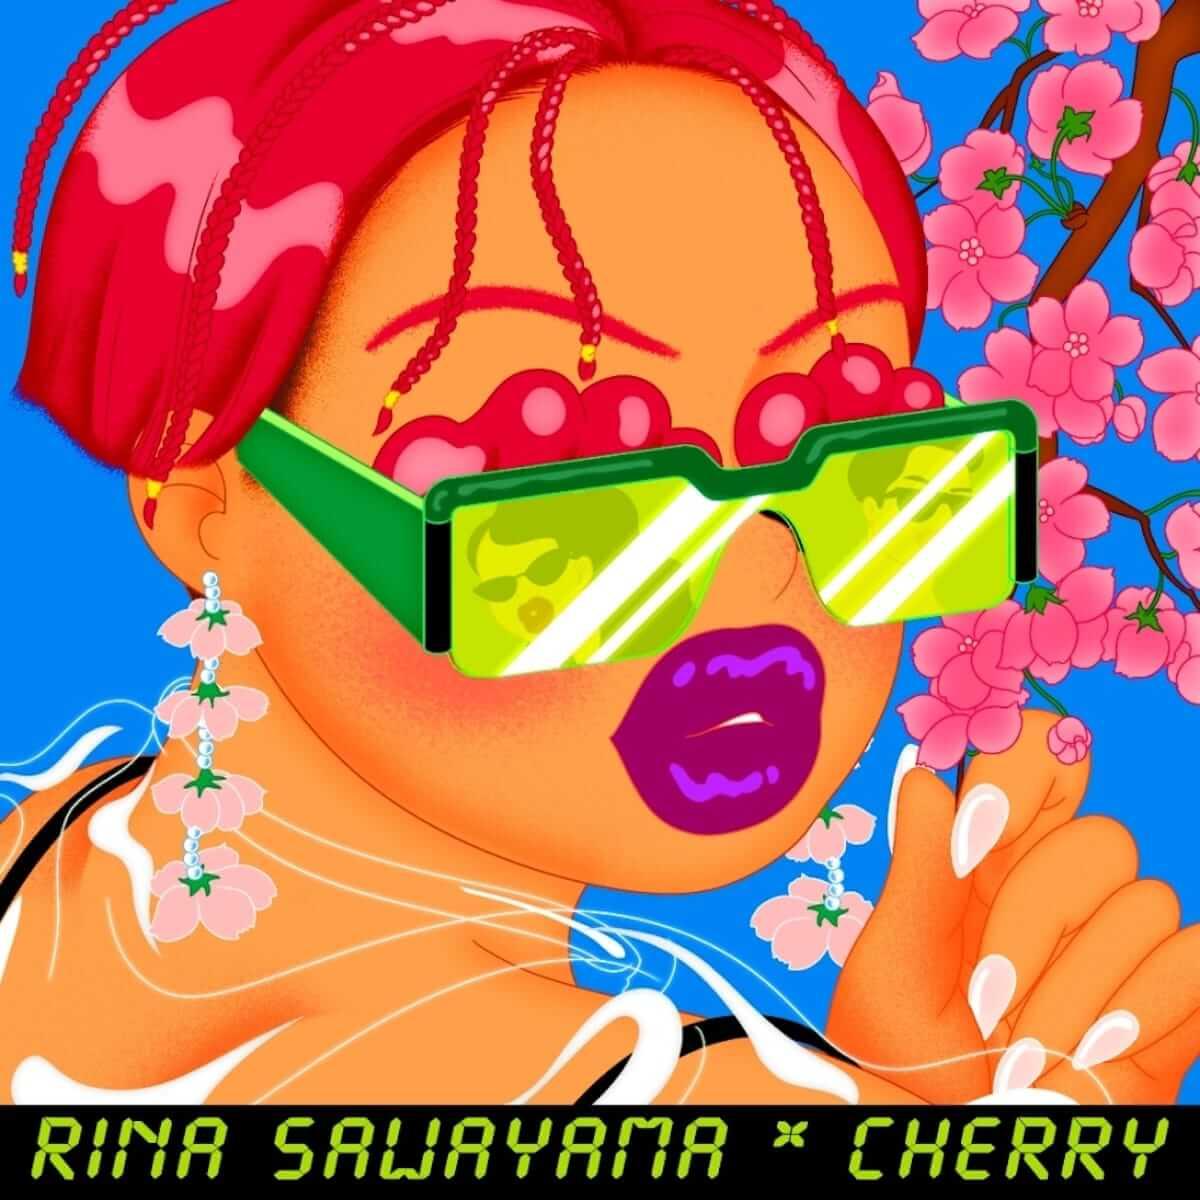 日本生まれイギリス育ちのSSW、リナ・サワヤマが新曲「Cherry」を公開! music180815_rinasawayama_1-1200x1200